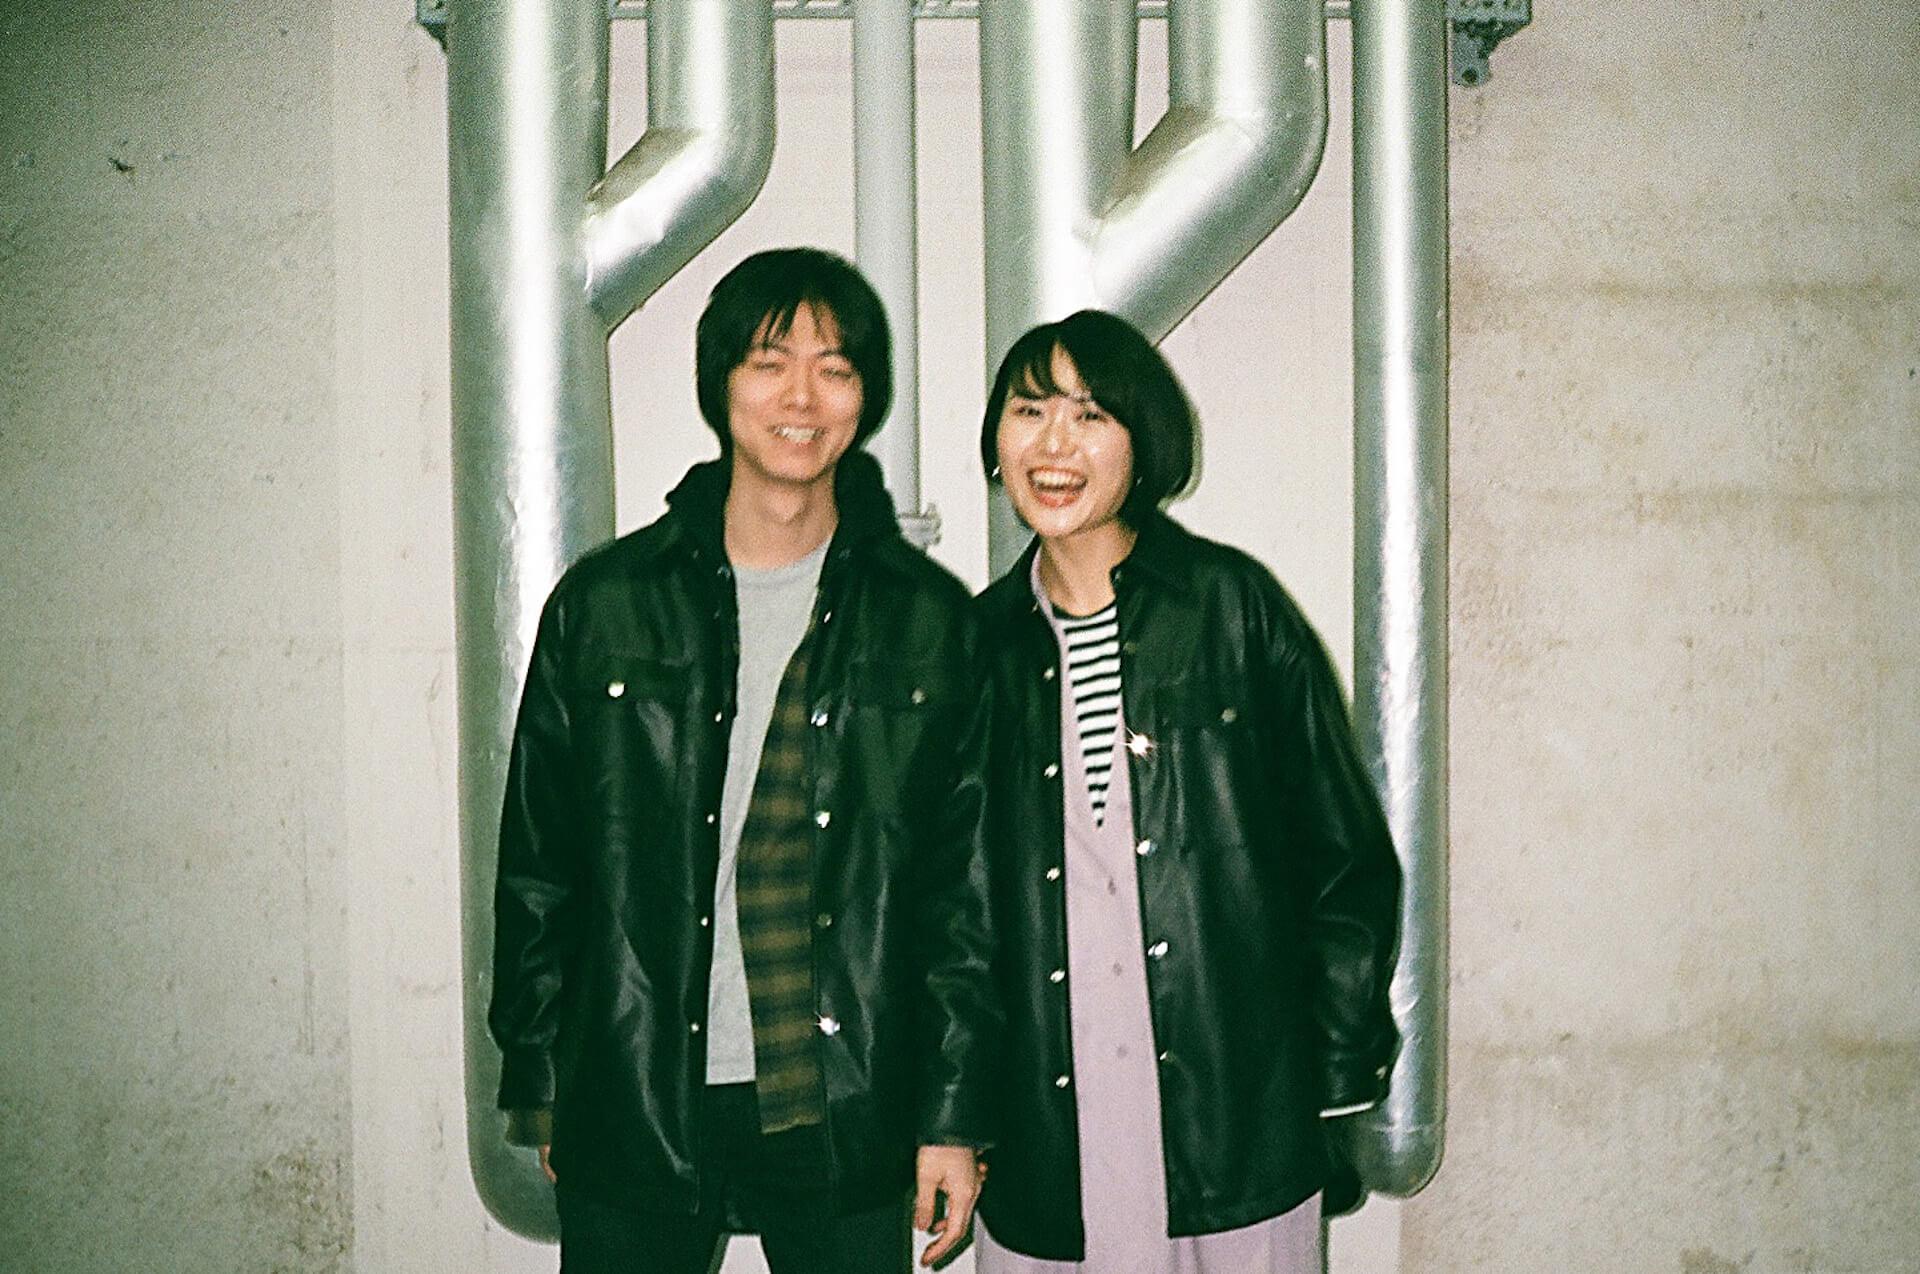 はなむけしゃしん - Ye&Nana「落花流水」 art200325_hanamukeshashin_15